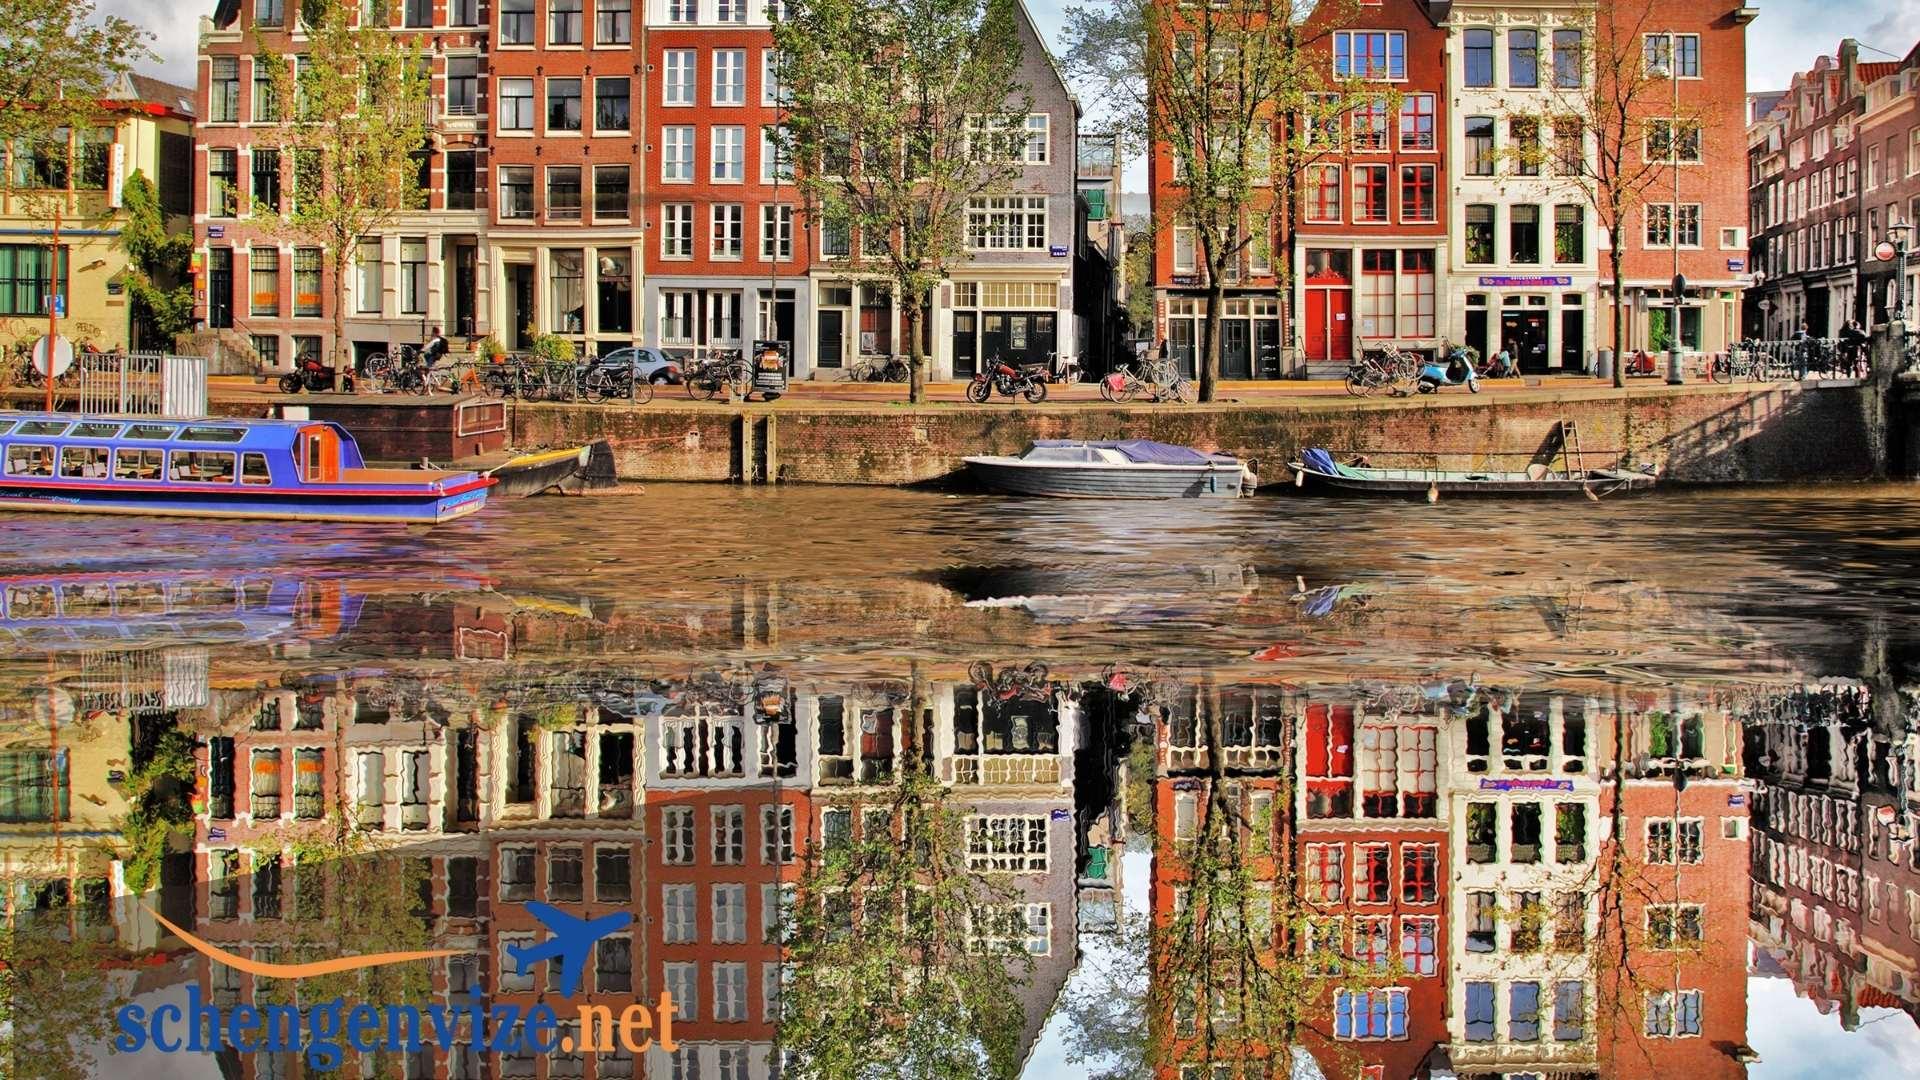 Hollanda Vize Başvuru Formunda Dikkat Edilmesi Gerekenler